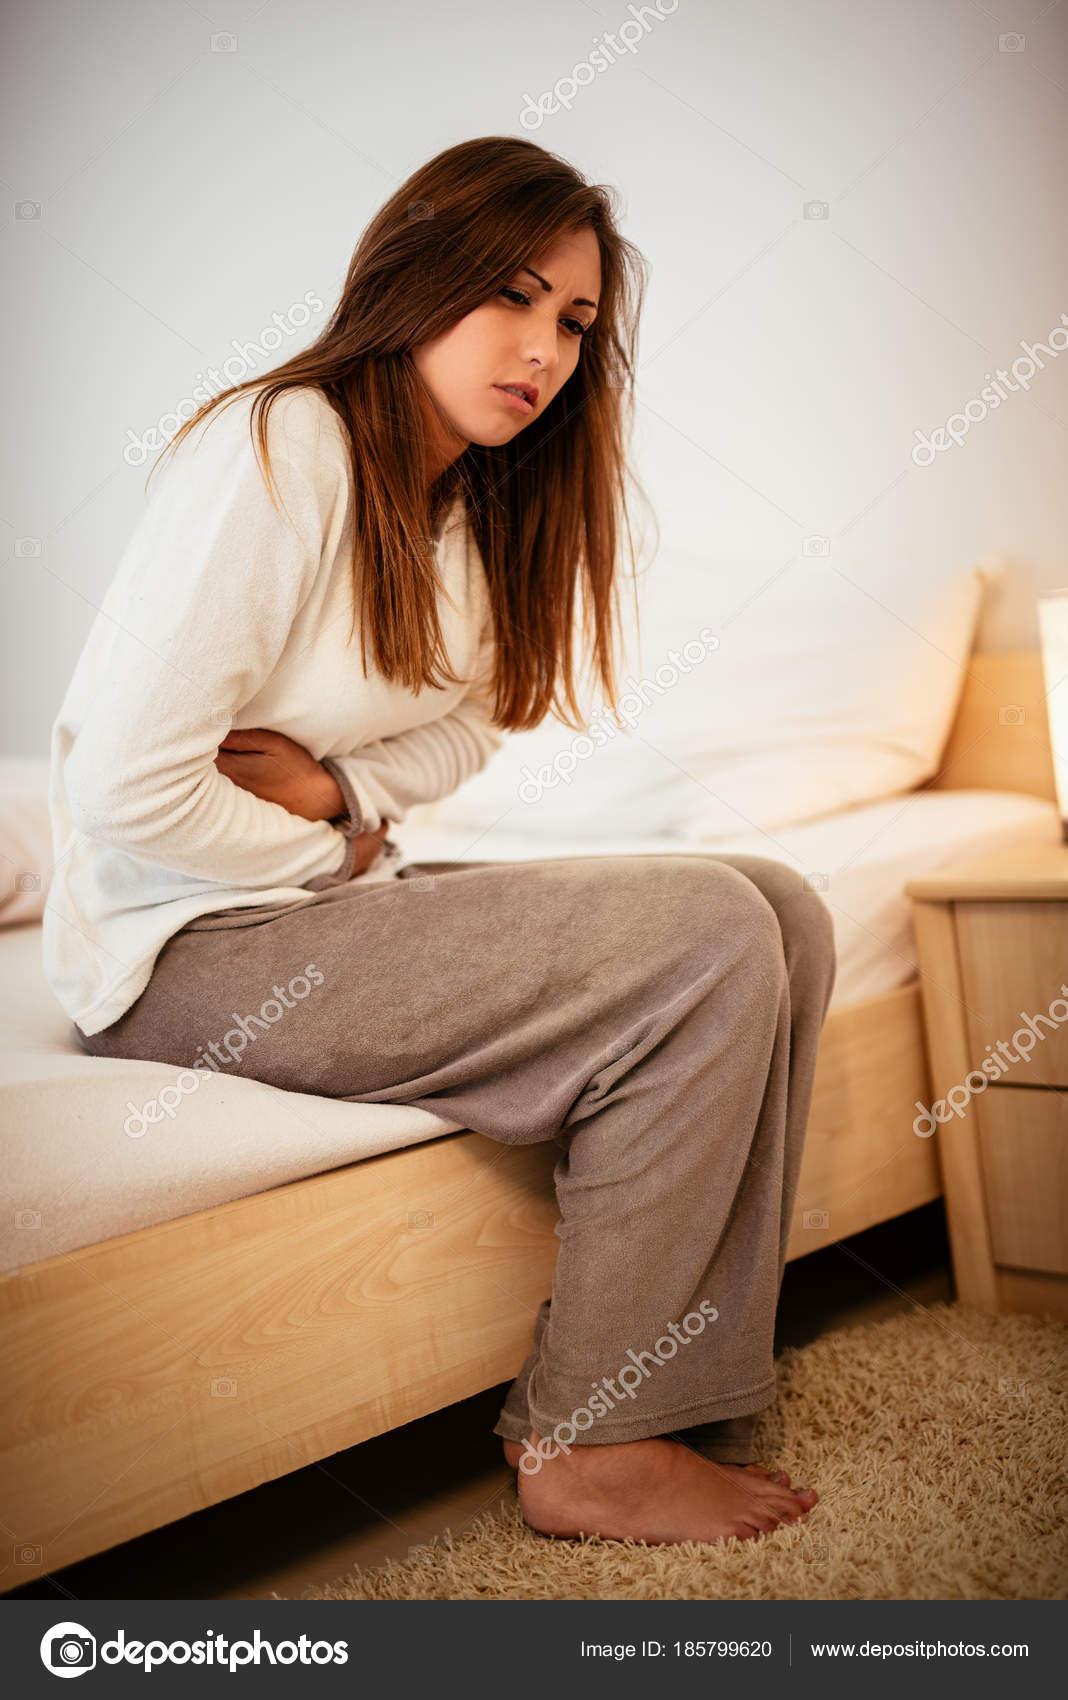 Красивое фото женщин на кровати, толстенный хуй в жопе саши грей